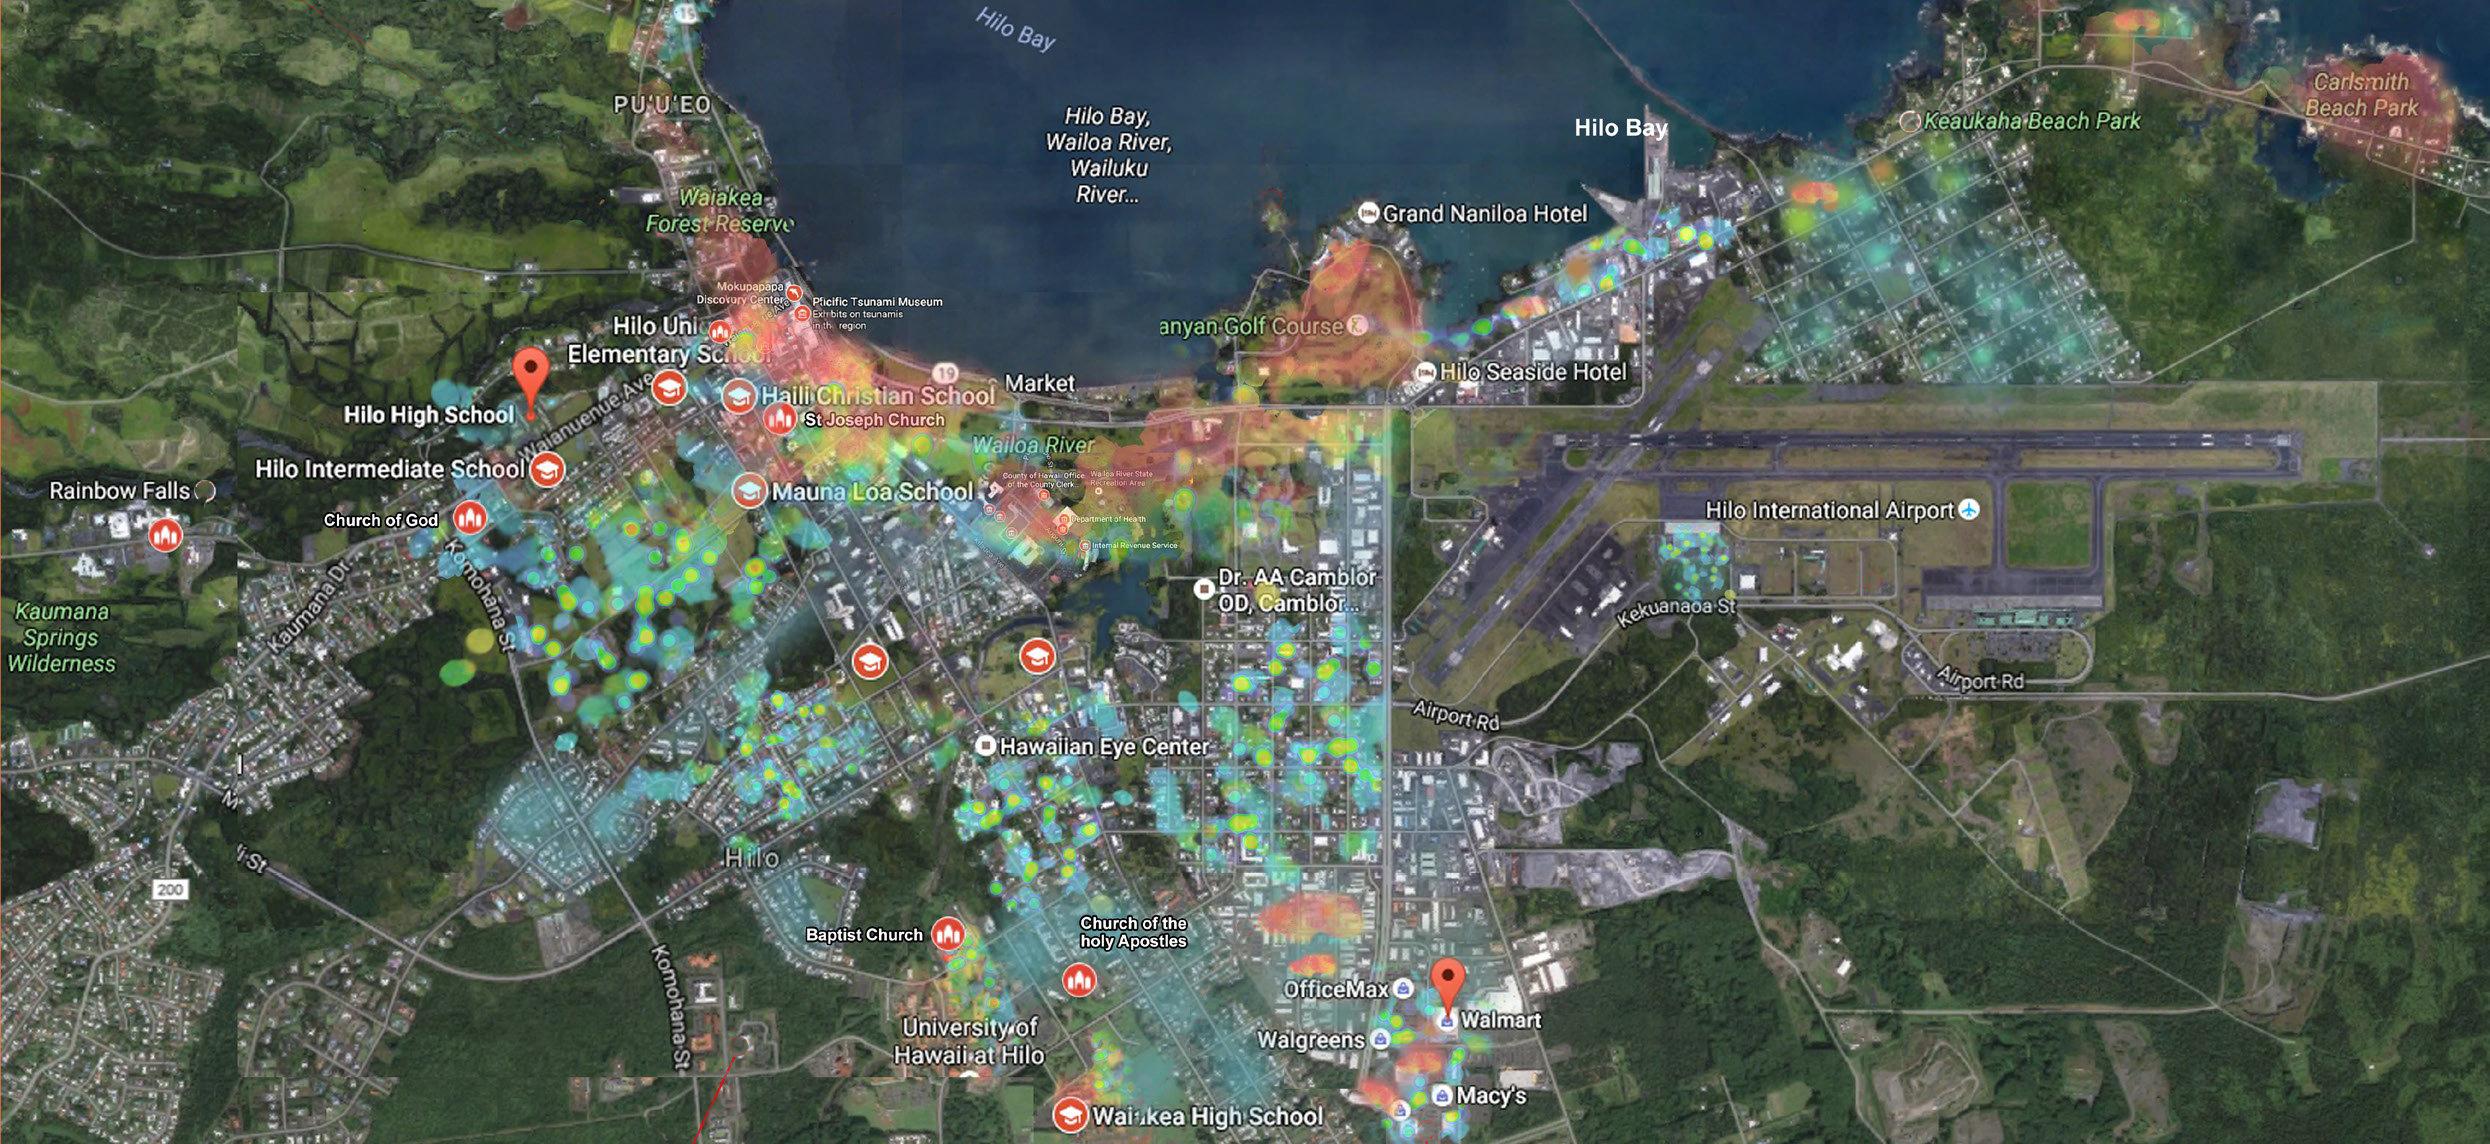 Hilo Weekend Heatmap